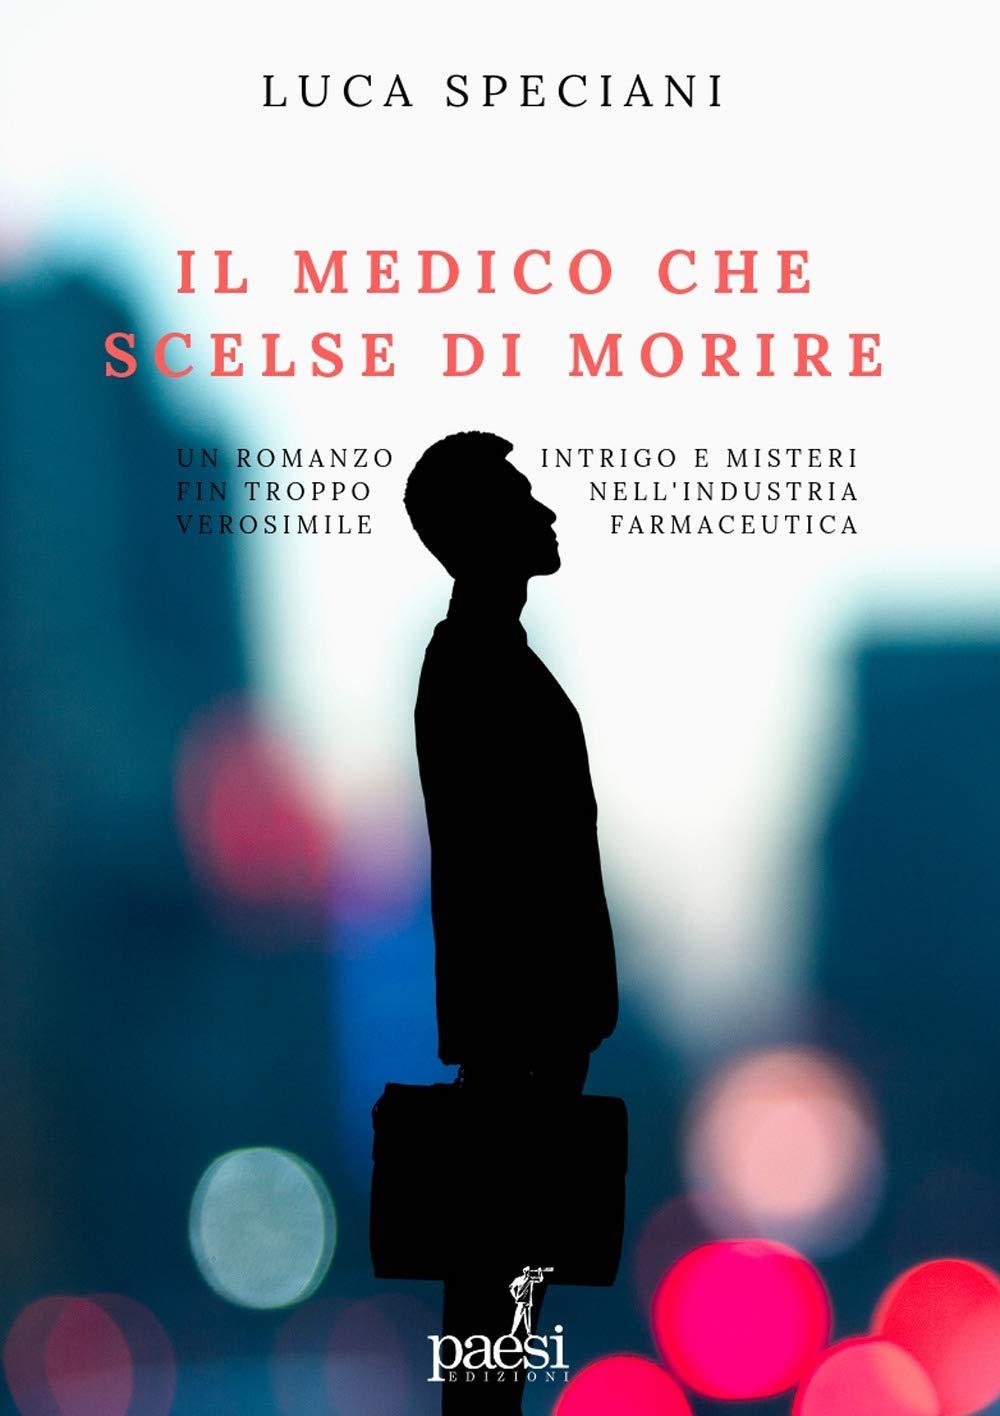 Luca Speciani_ Il medico che scelse di morire